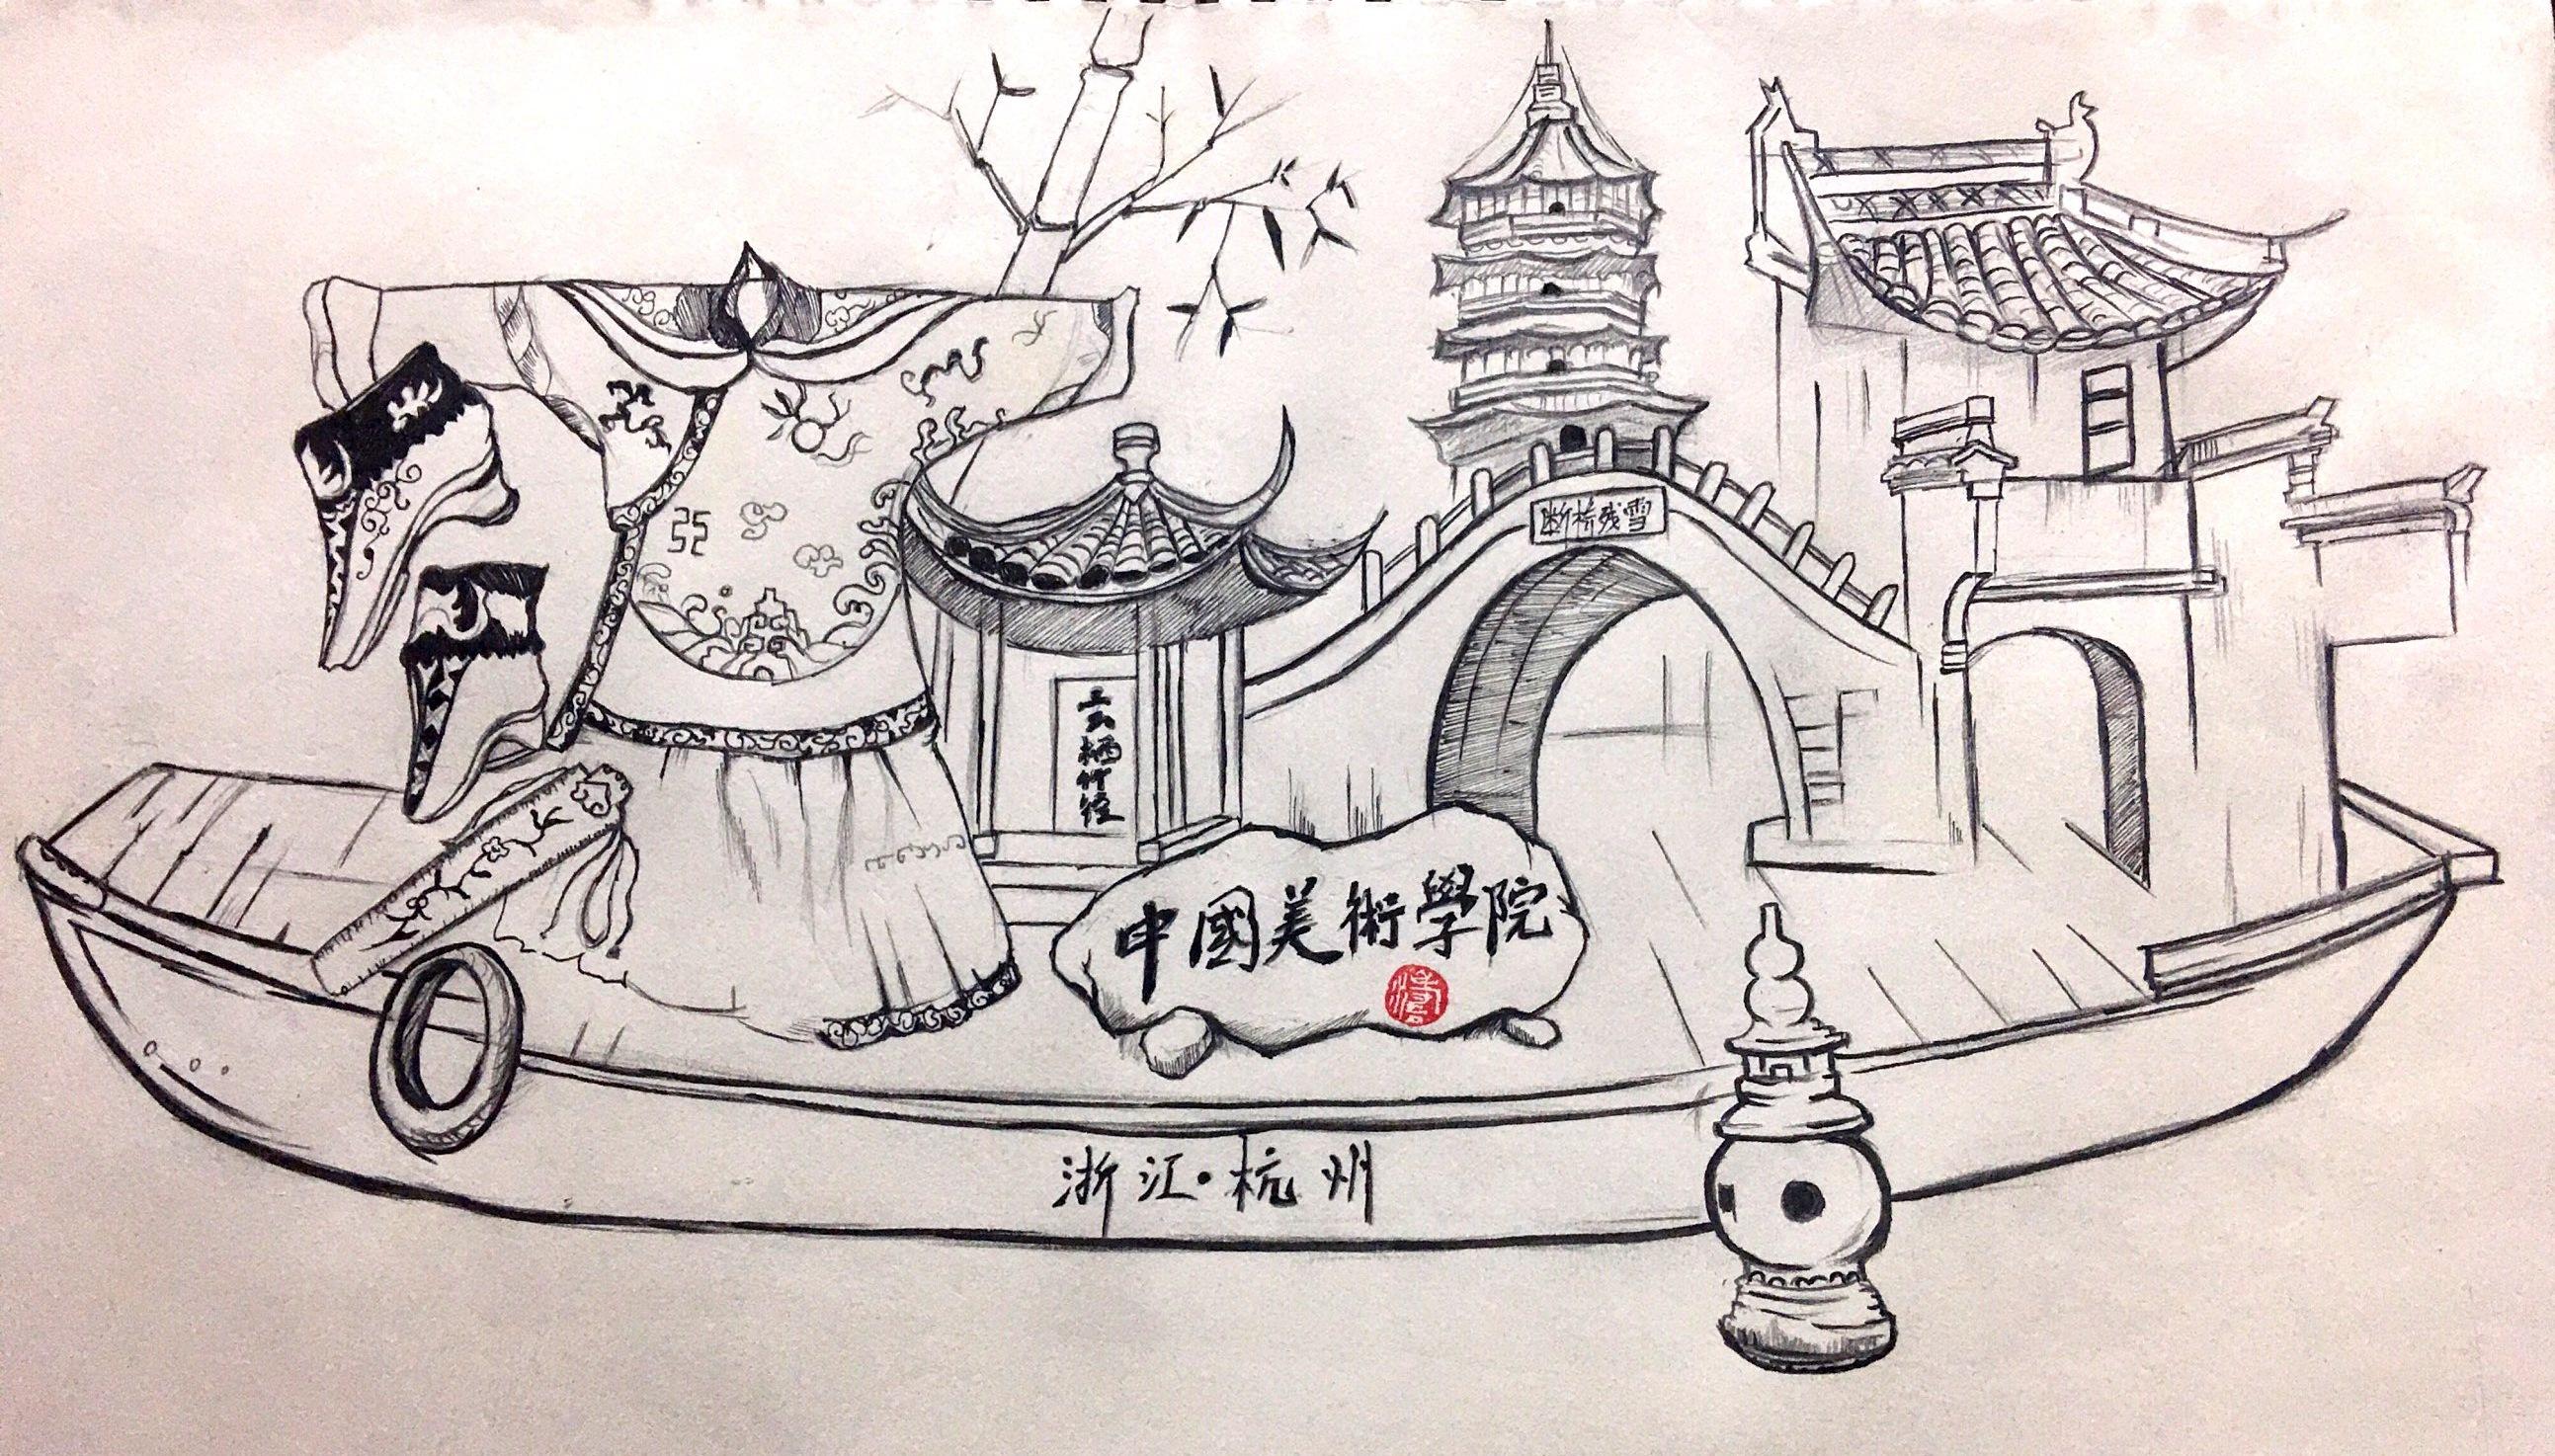 上海 苏州 杭州 考察作业手绘